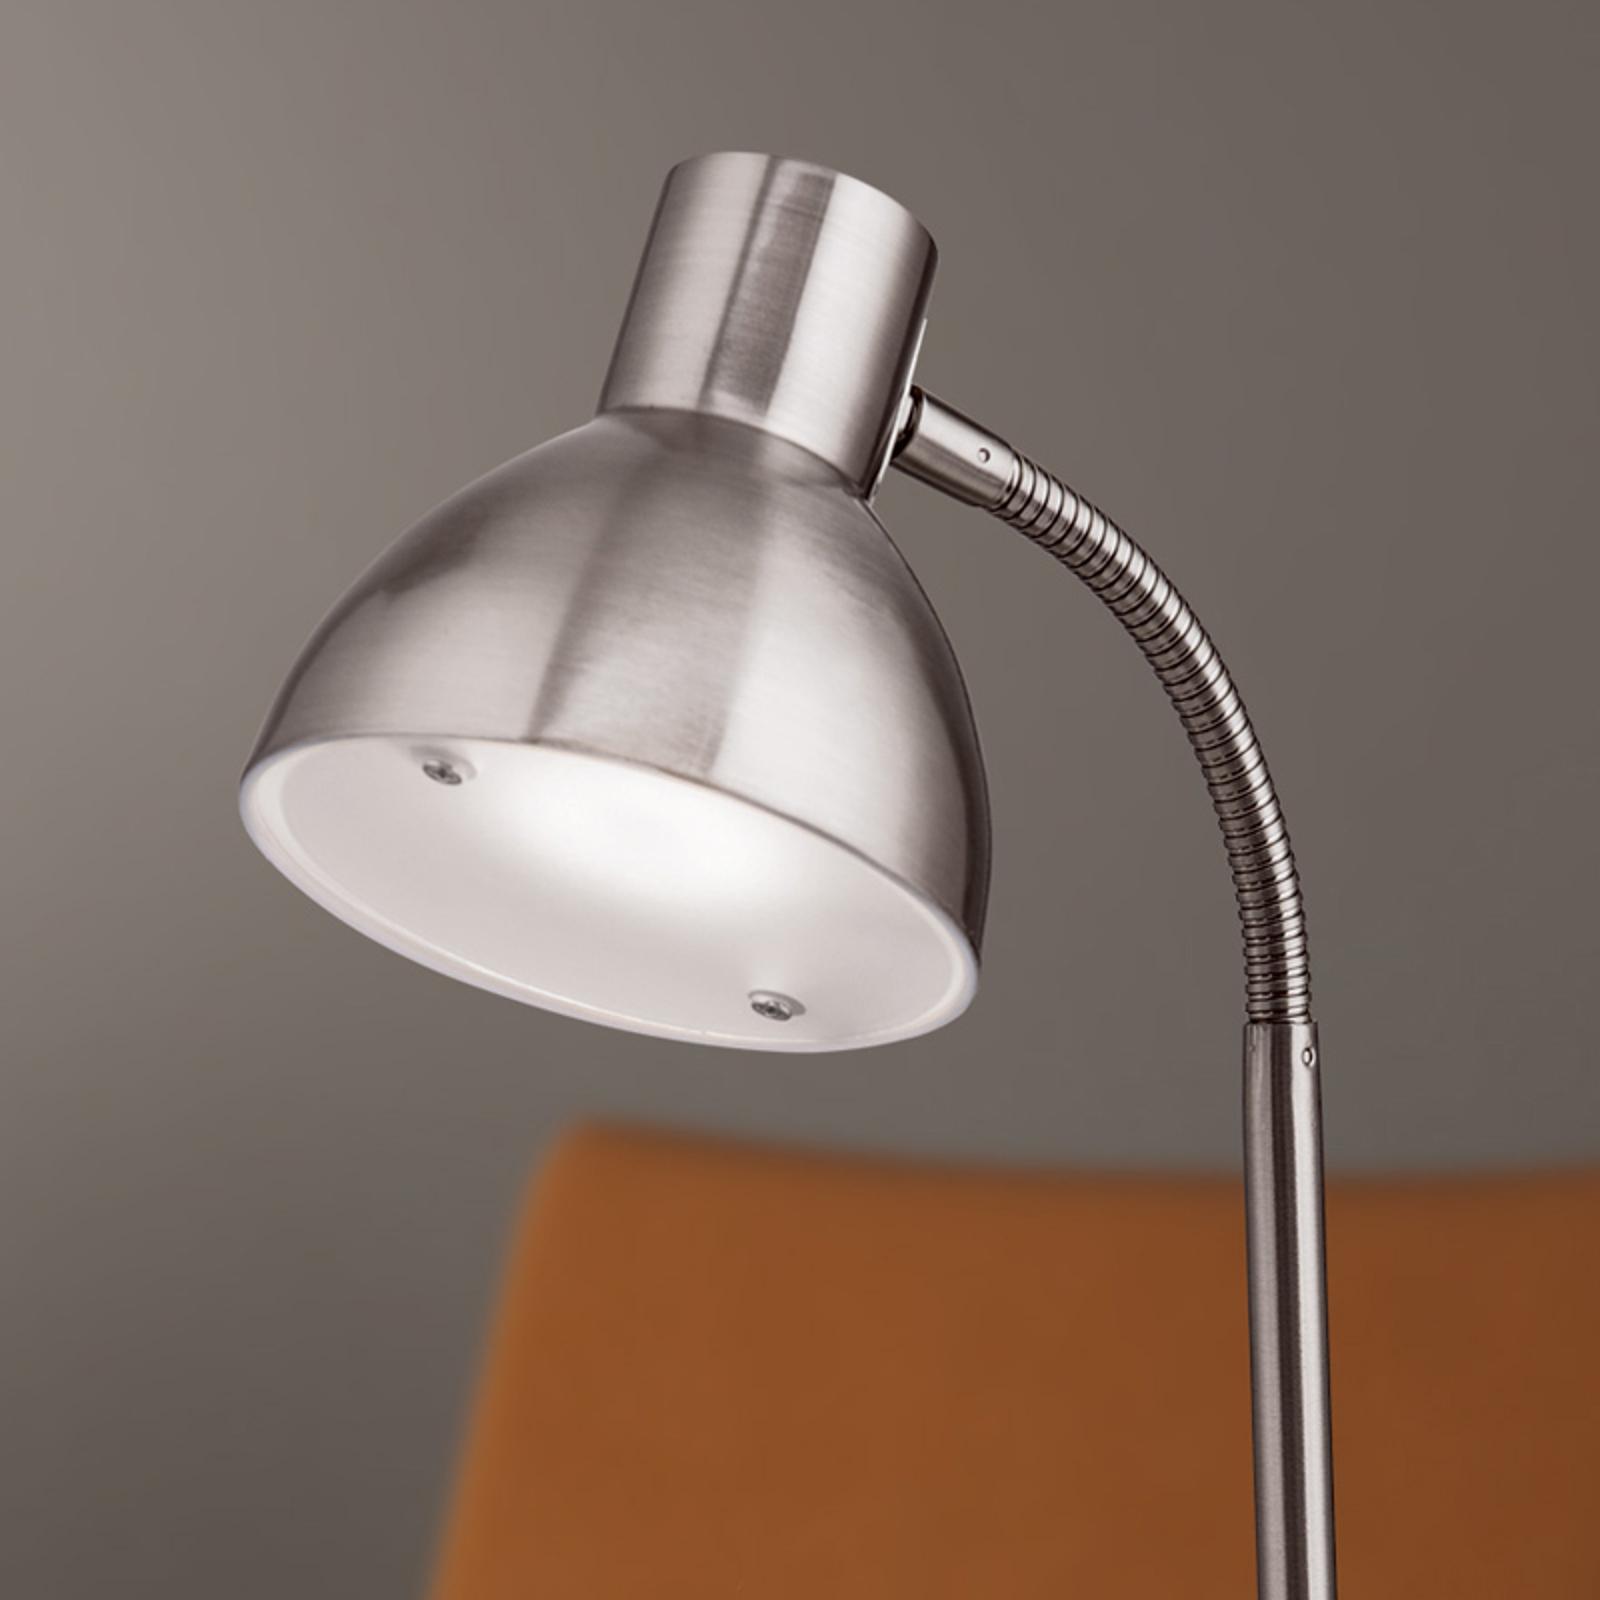 Matnikkelkleurige LED-bureaulamp Isra